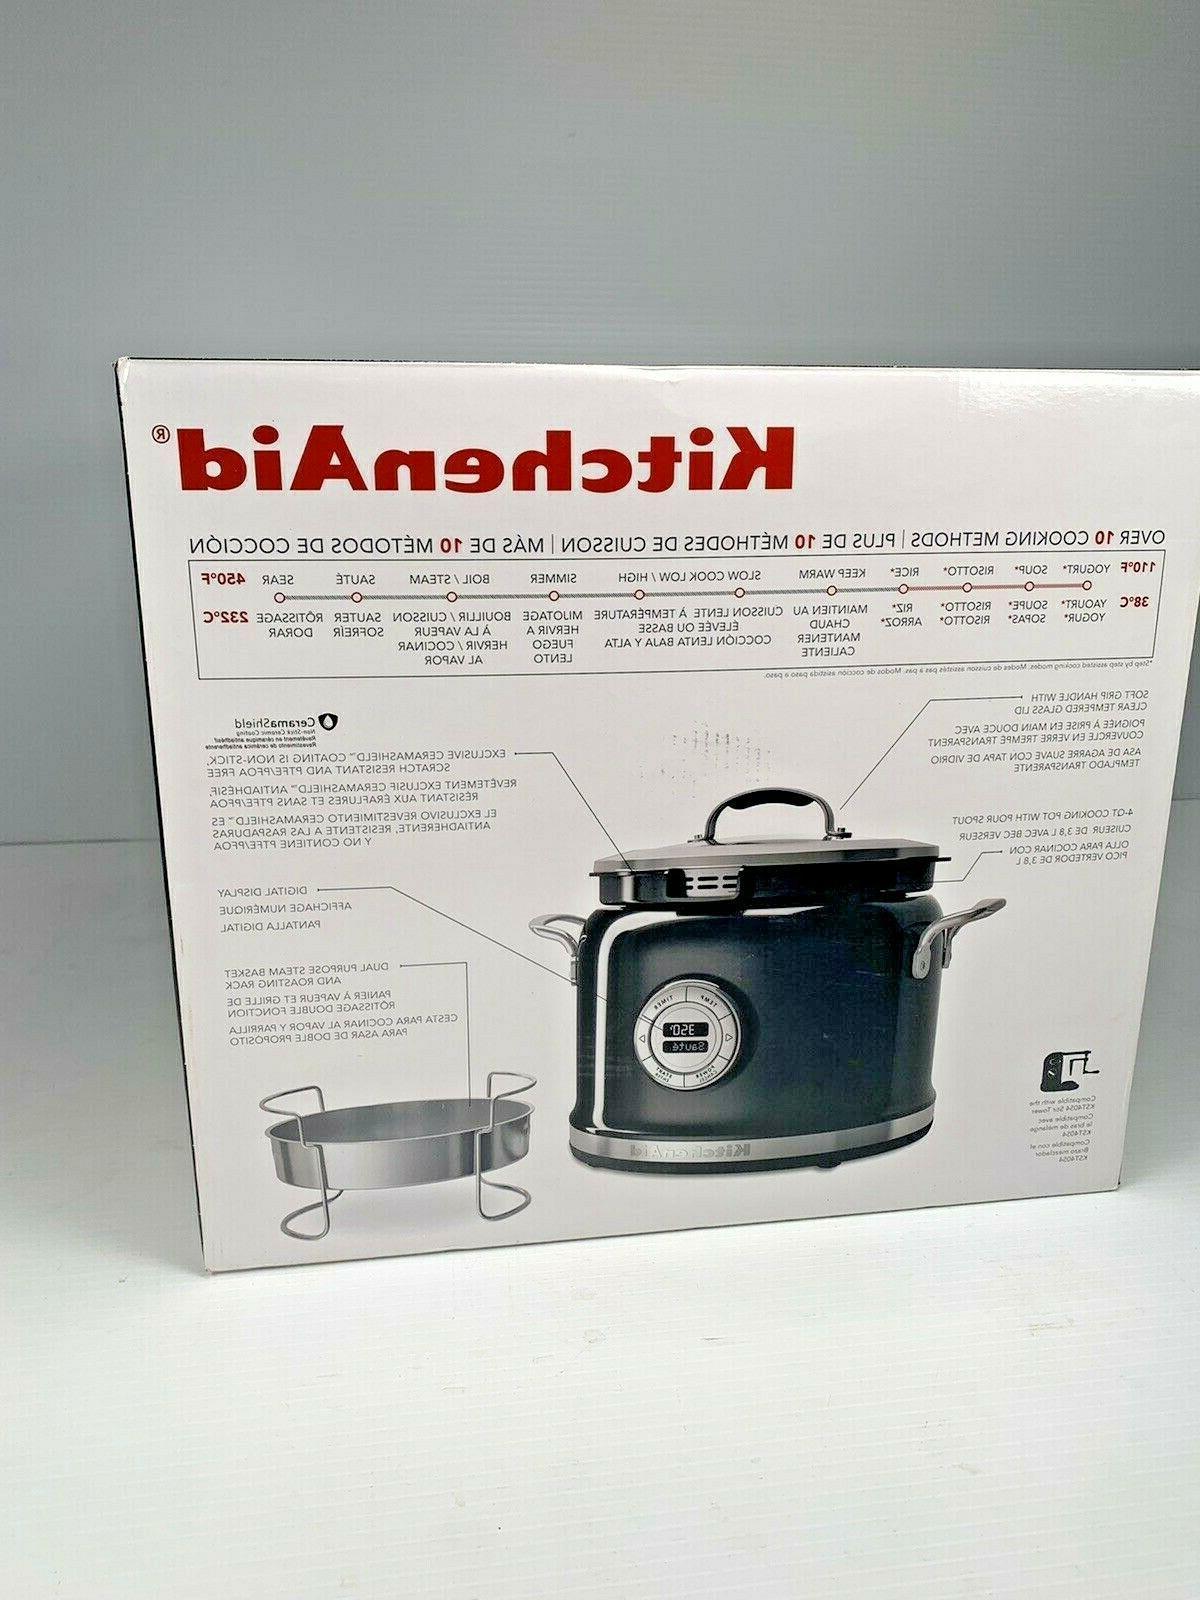 KitchenAid KMC4241OB 4-Quart -